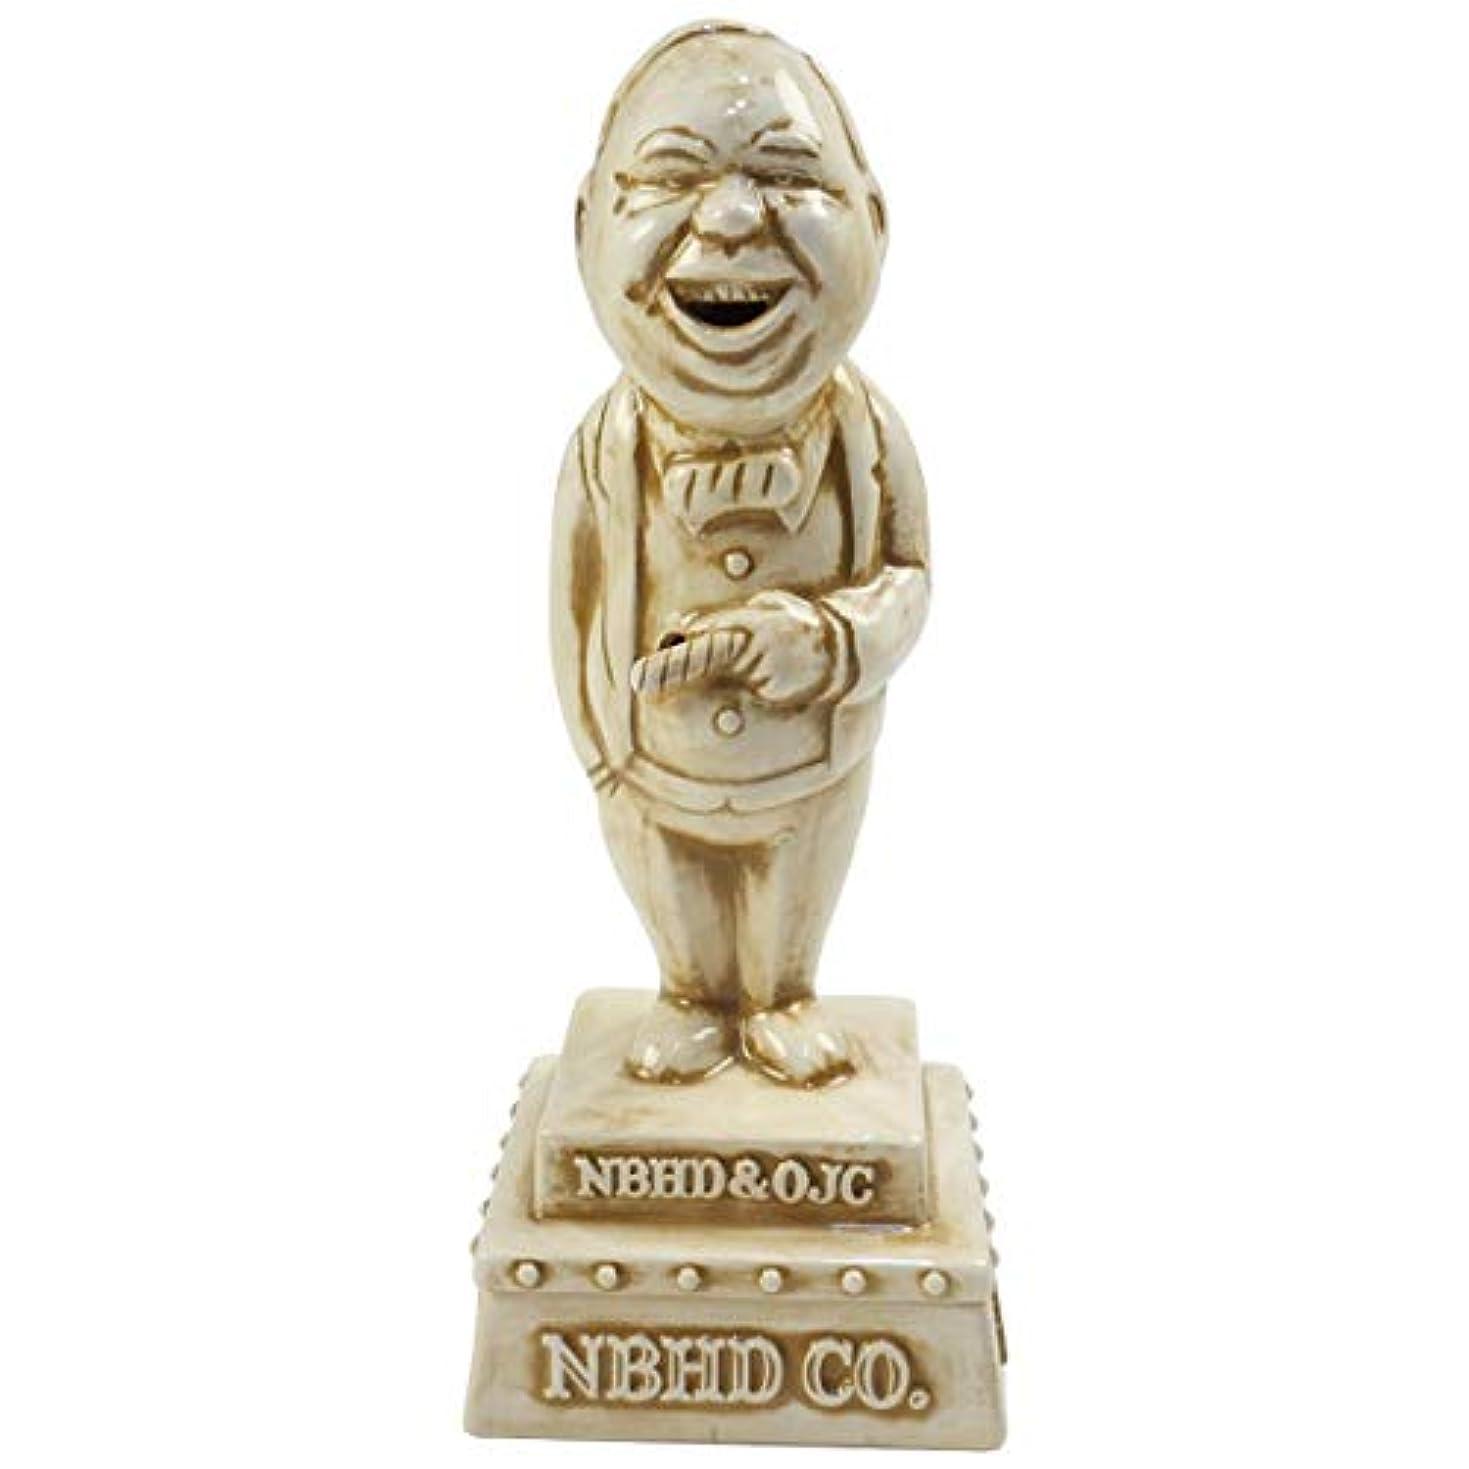 ブリーフケース商業の資料NEIGHBORHOOD ネイバーフッド 18AW ×OLD JOE. BOOZE/CE-INCENSE CHAMBER お香立て 茶 フリー